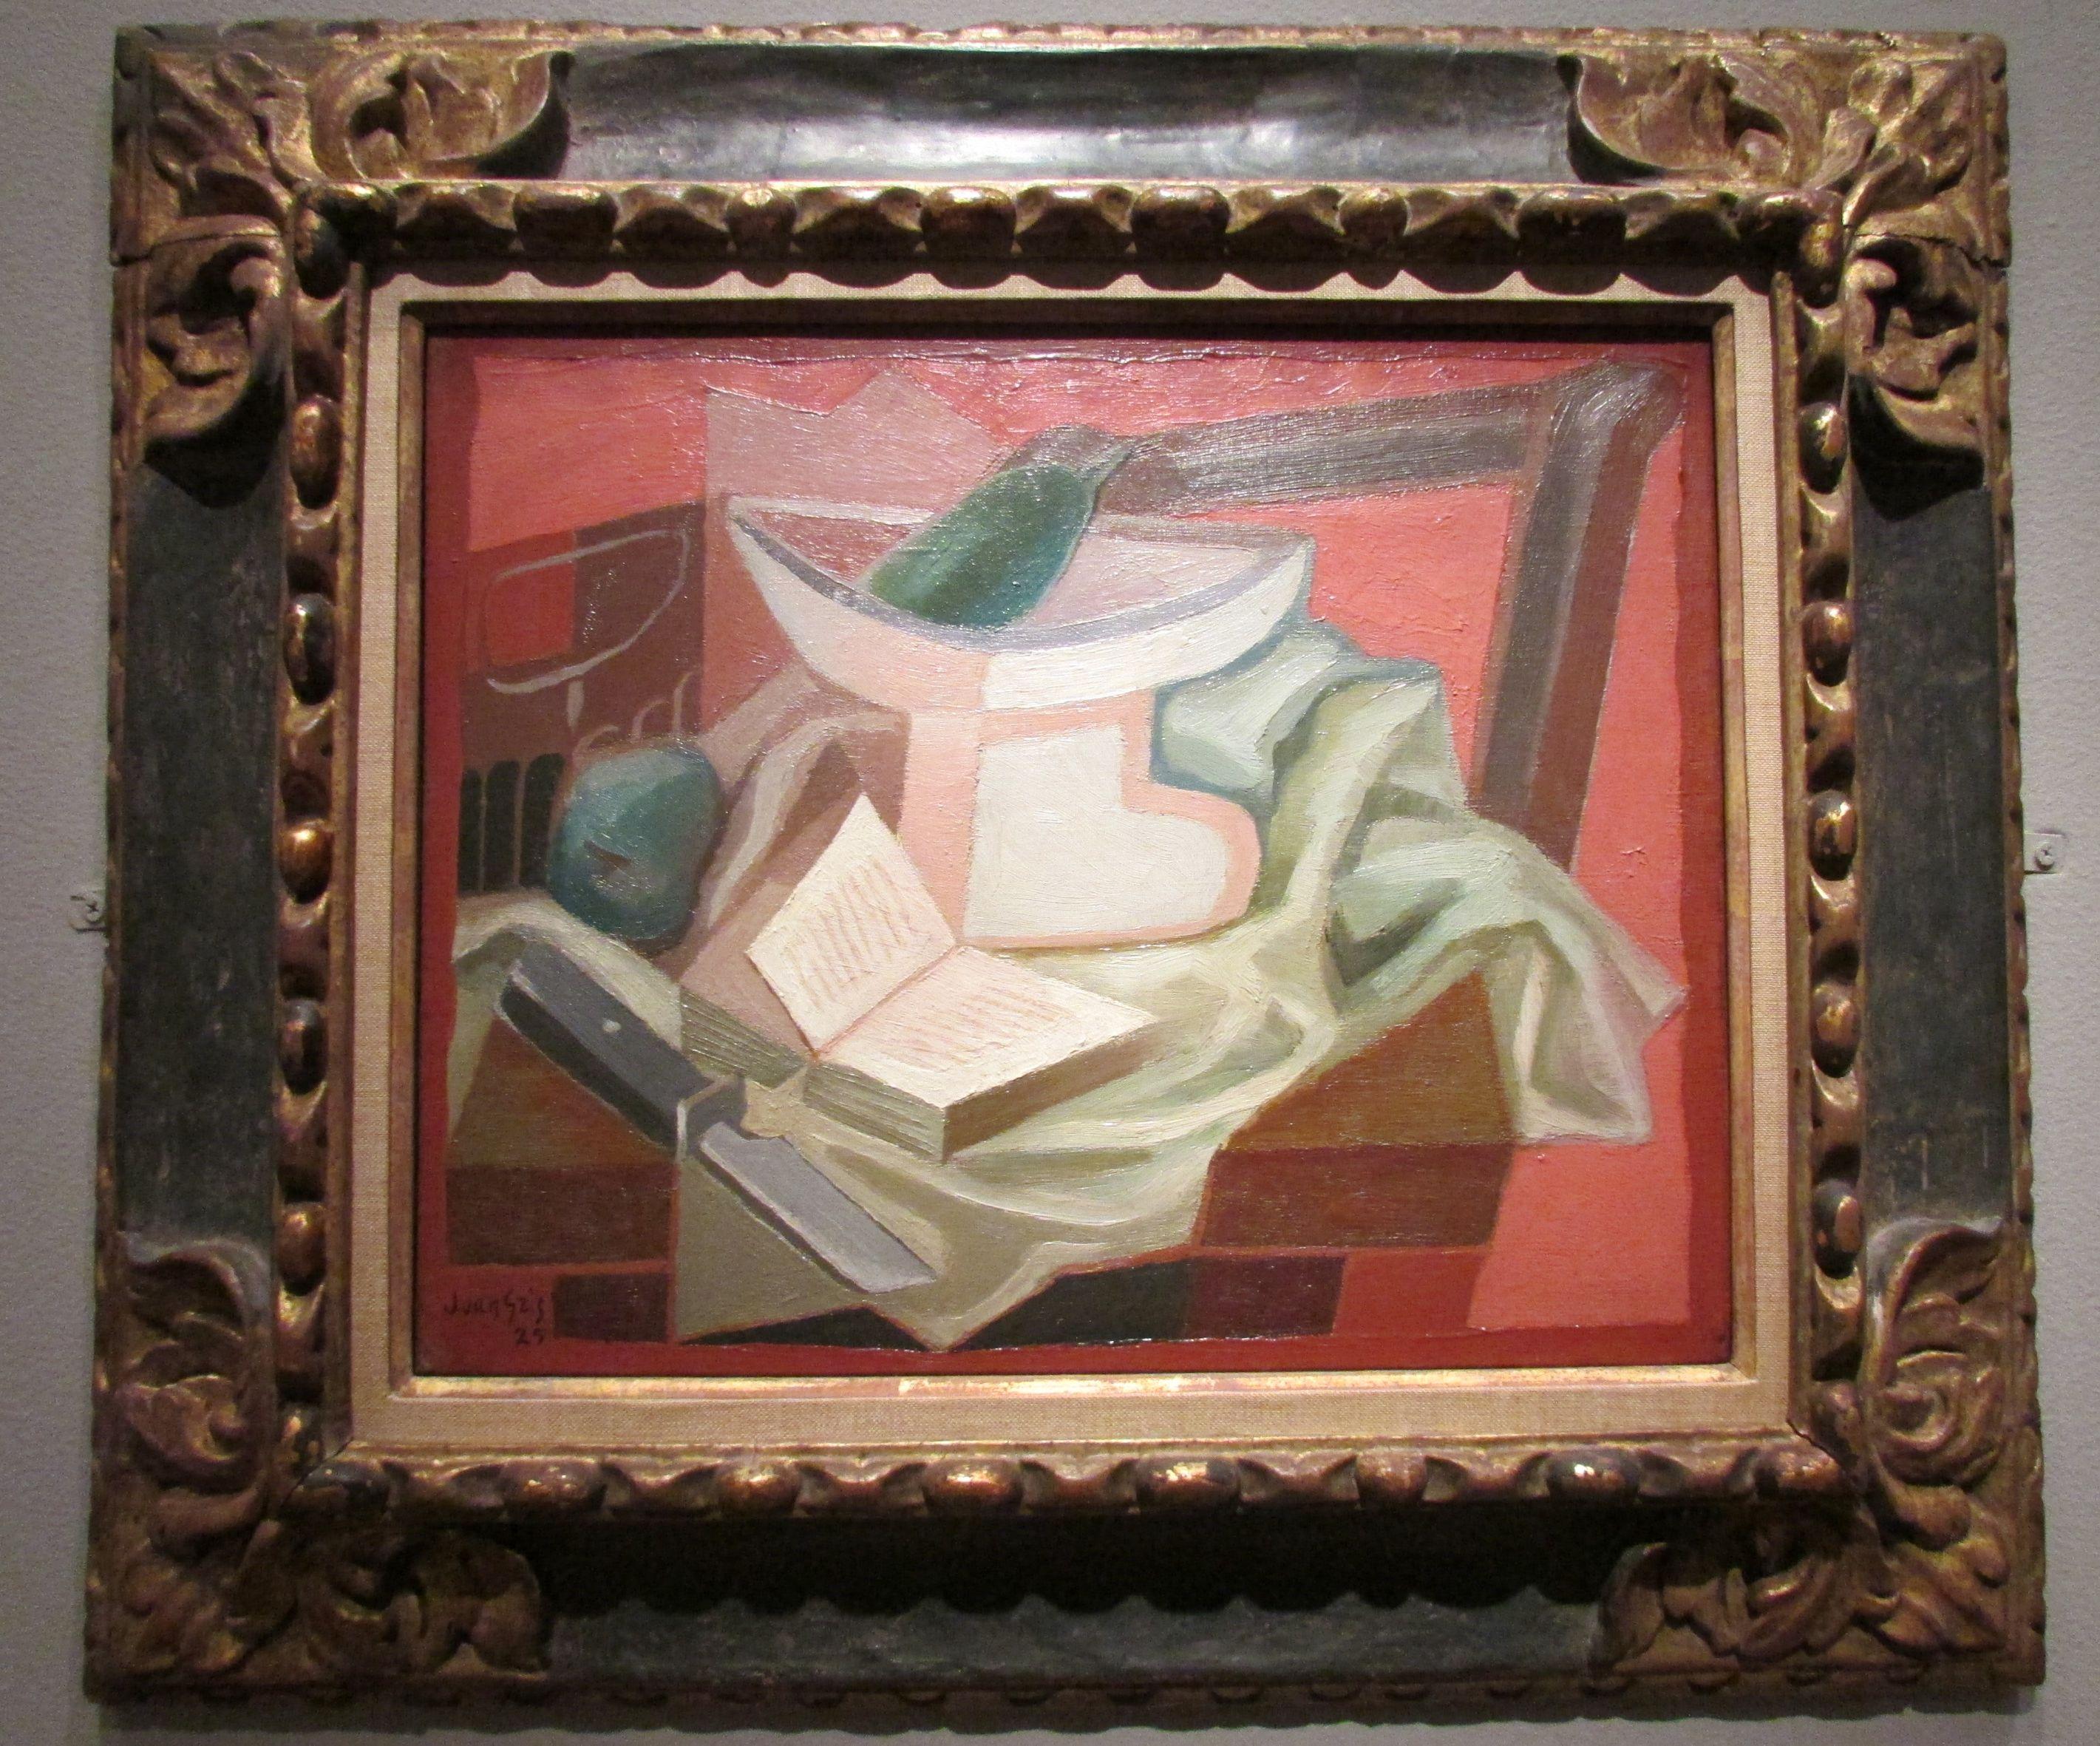 Juan Gris: Still Life with Book, 1925.